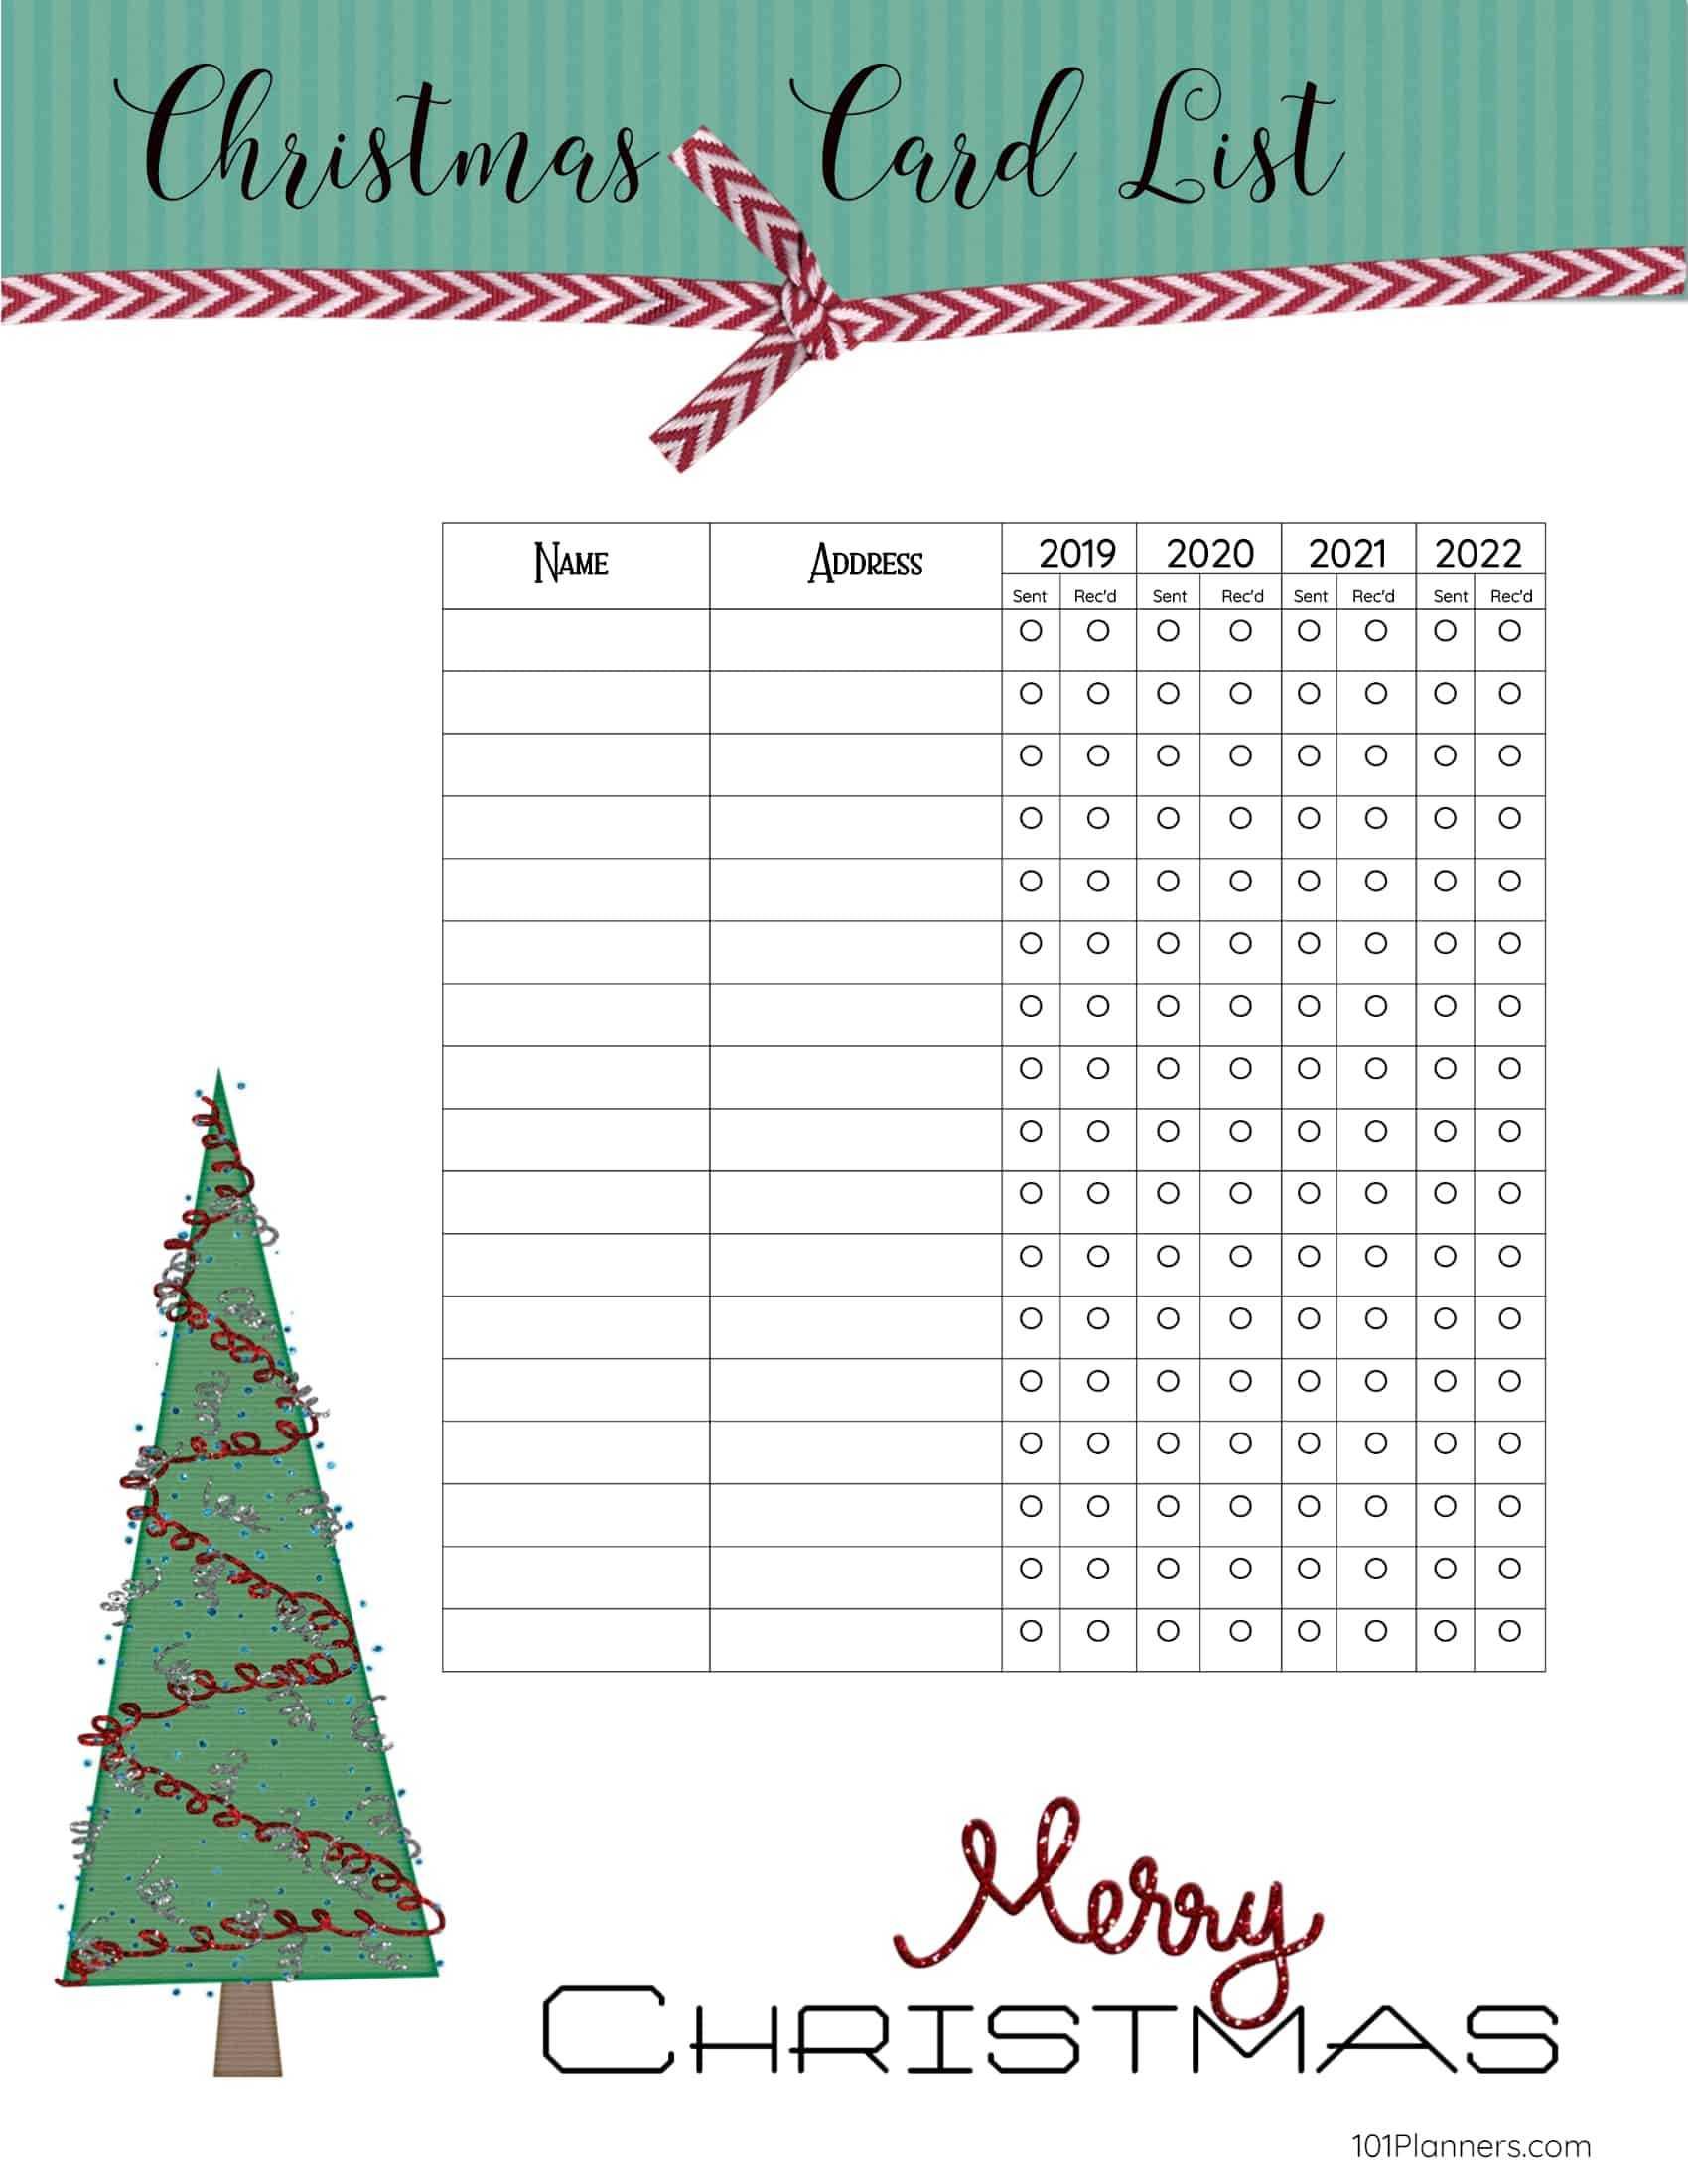 Free Printable Christmas Gift List Template For Christmas Card List Template